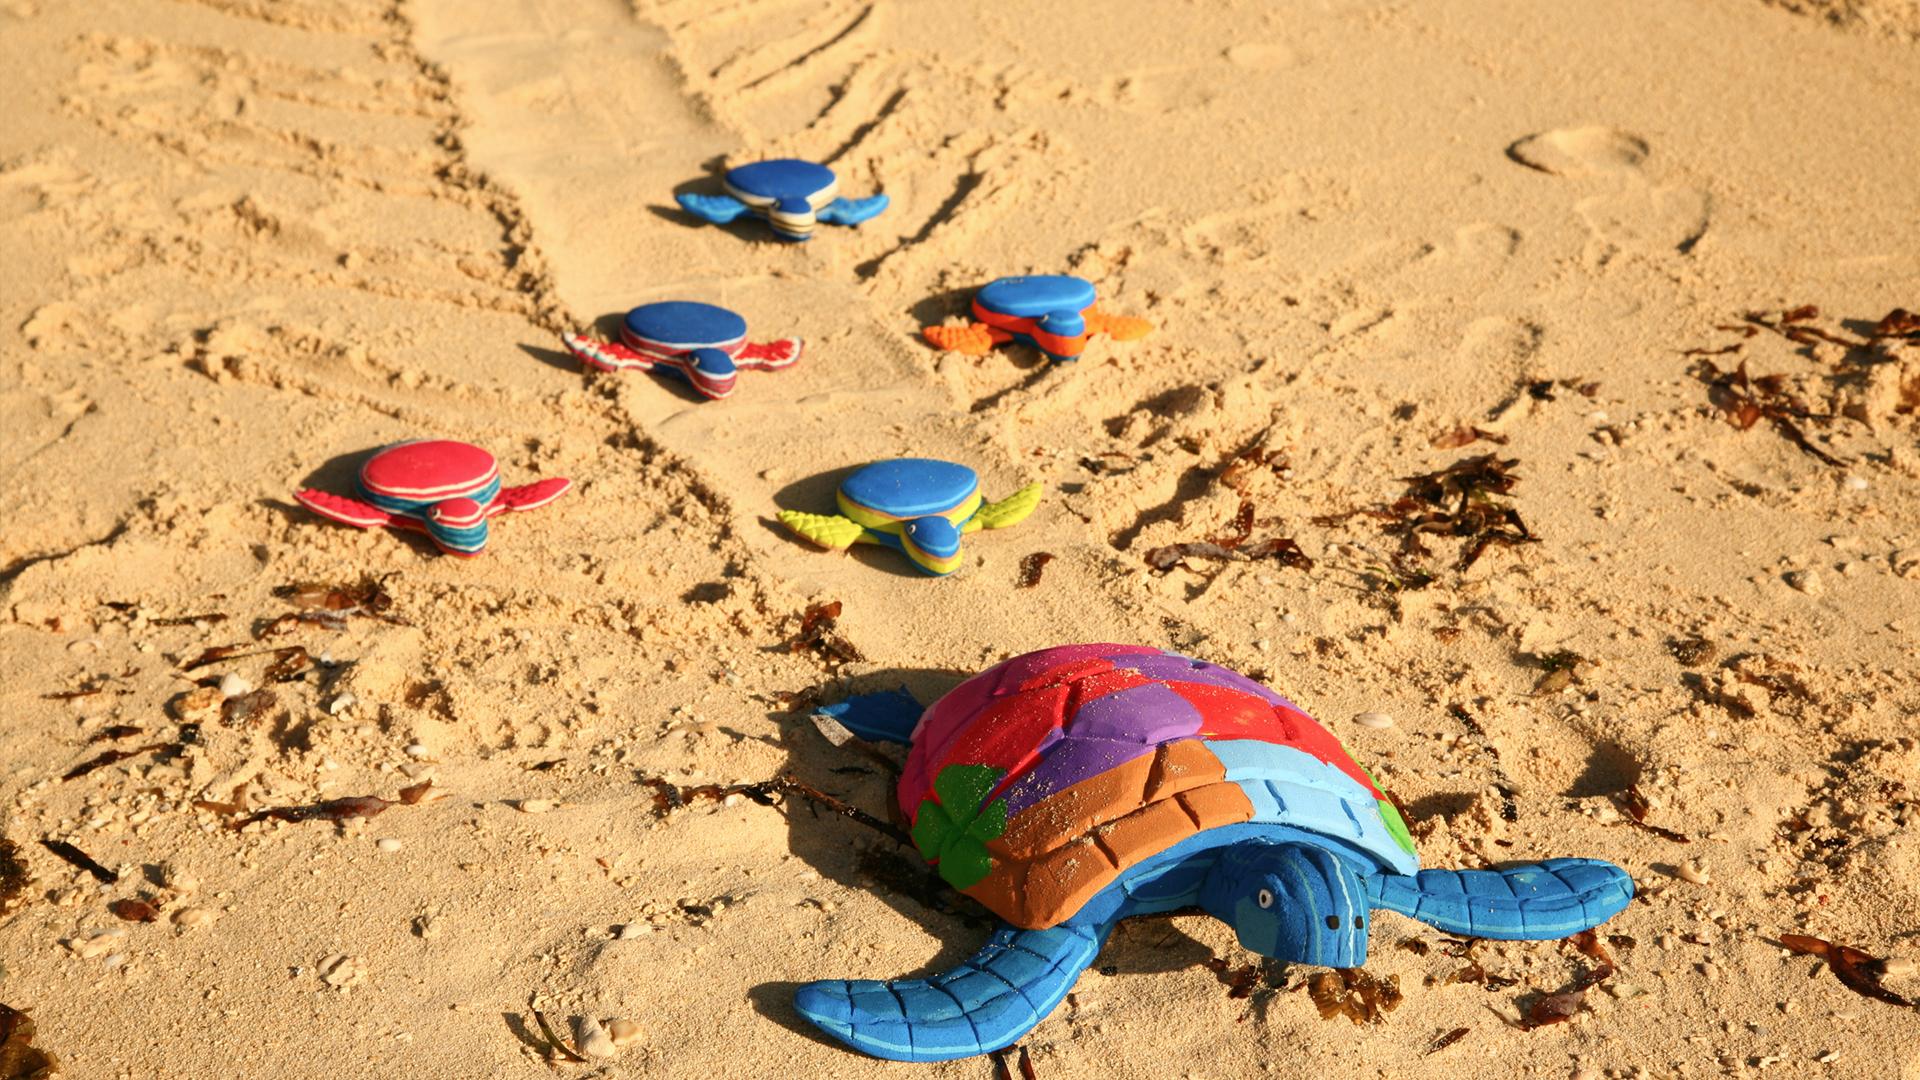 Πολύχρωμα νέα- Σαγιονάρα-Ανακυκλώσιμη Τέχνη